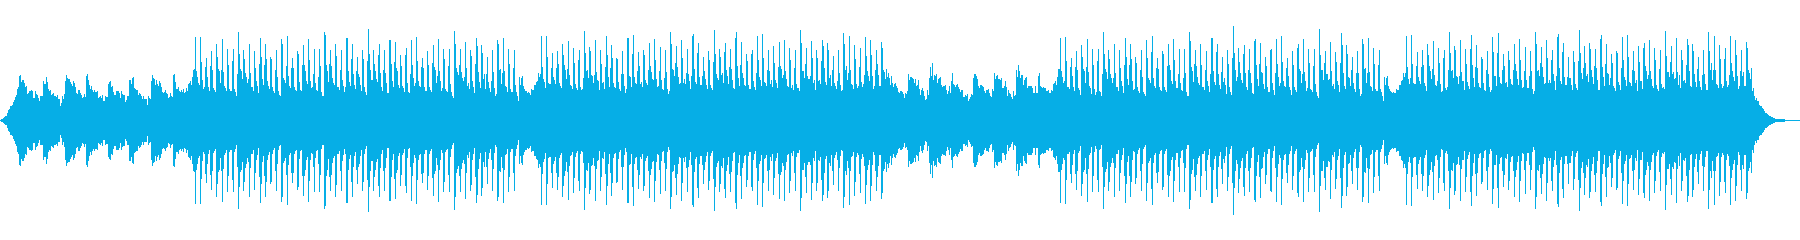 ギターメロなしの再生済みの波形